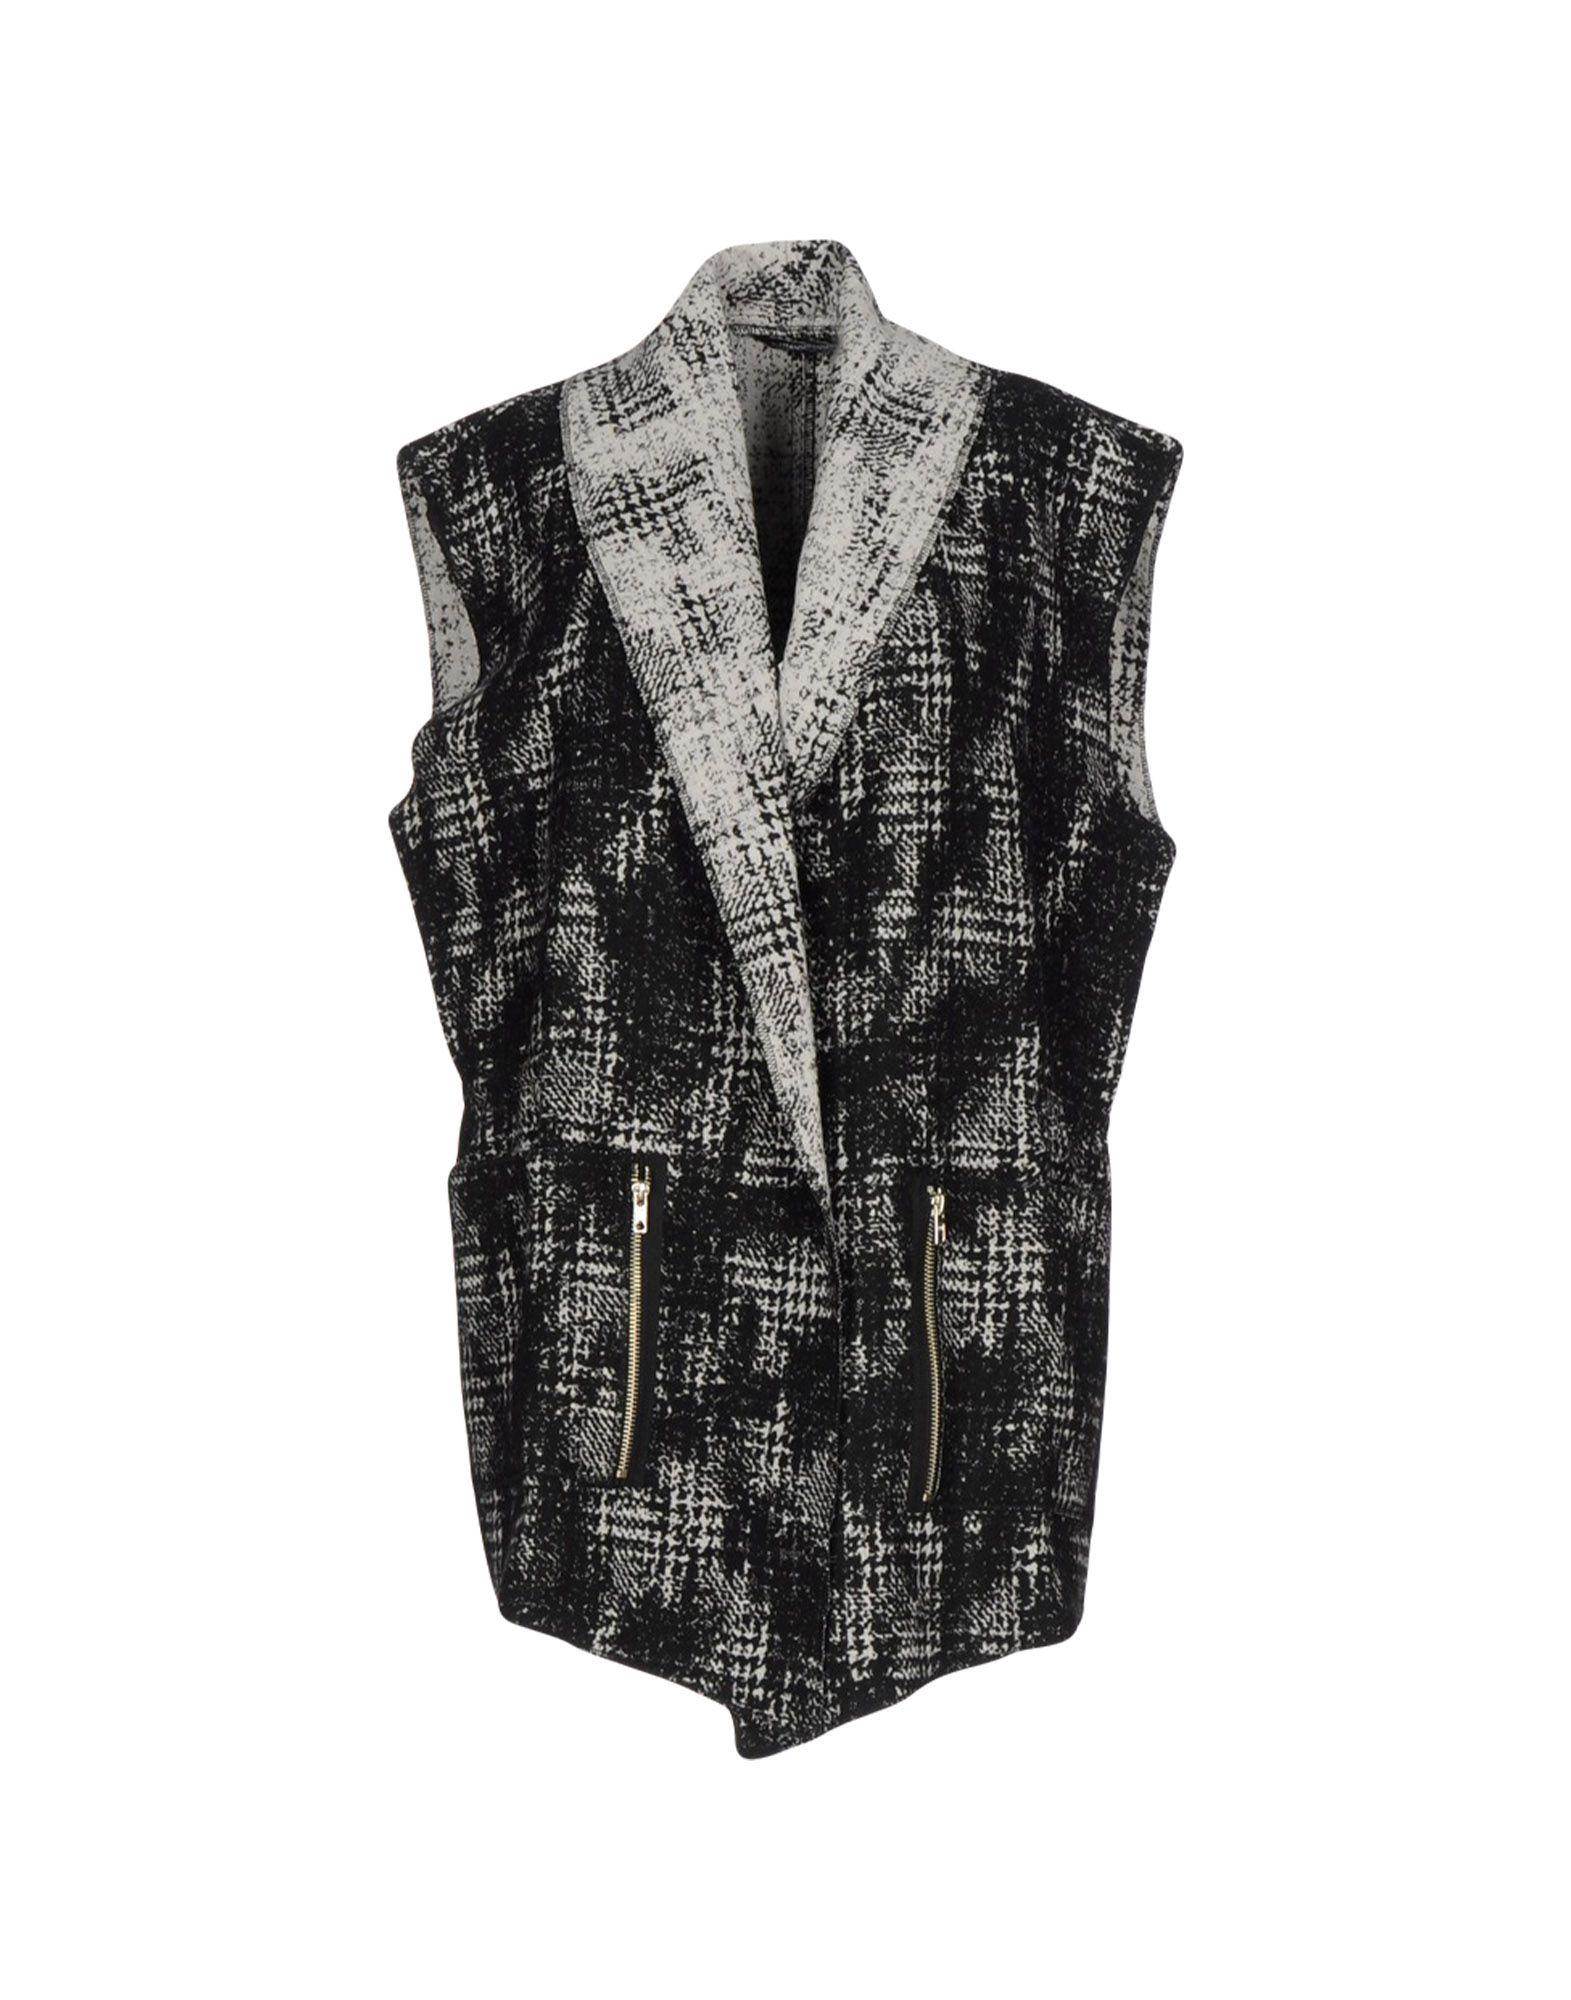 DANIELE ALESSANDRINI Damen Lange Jacke Farbe Schwarz Größe 7 jetztbilligerkaufen